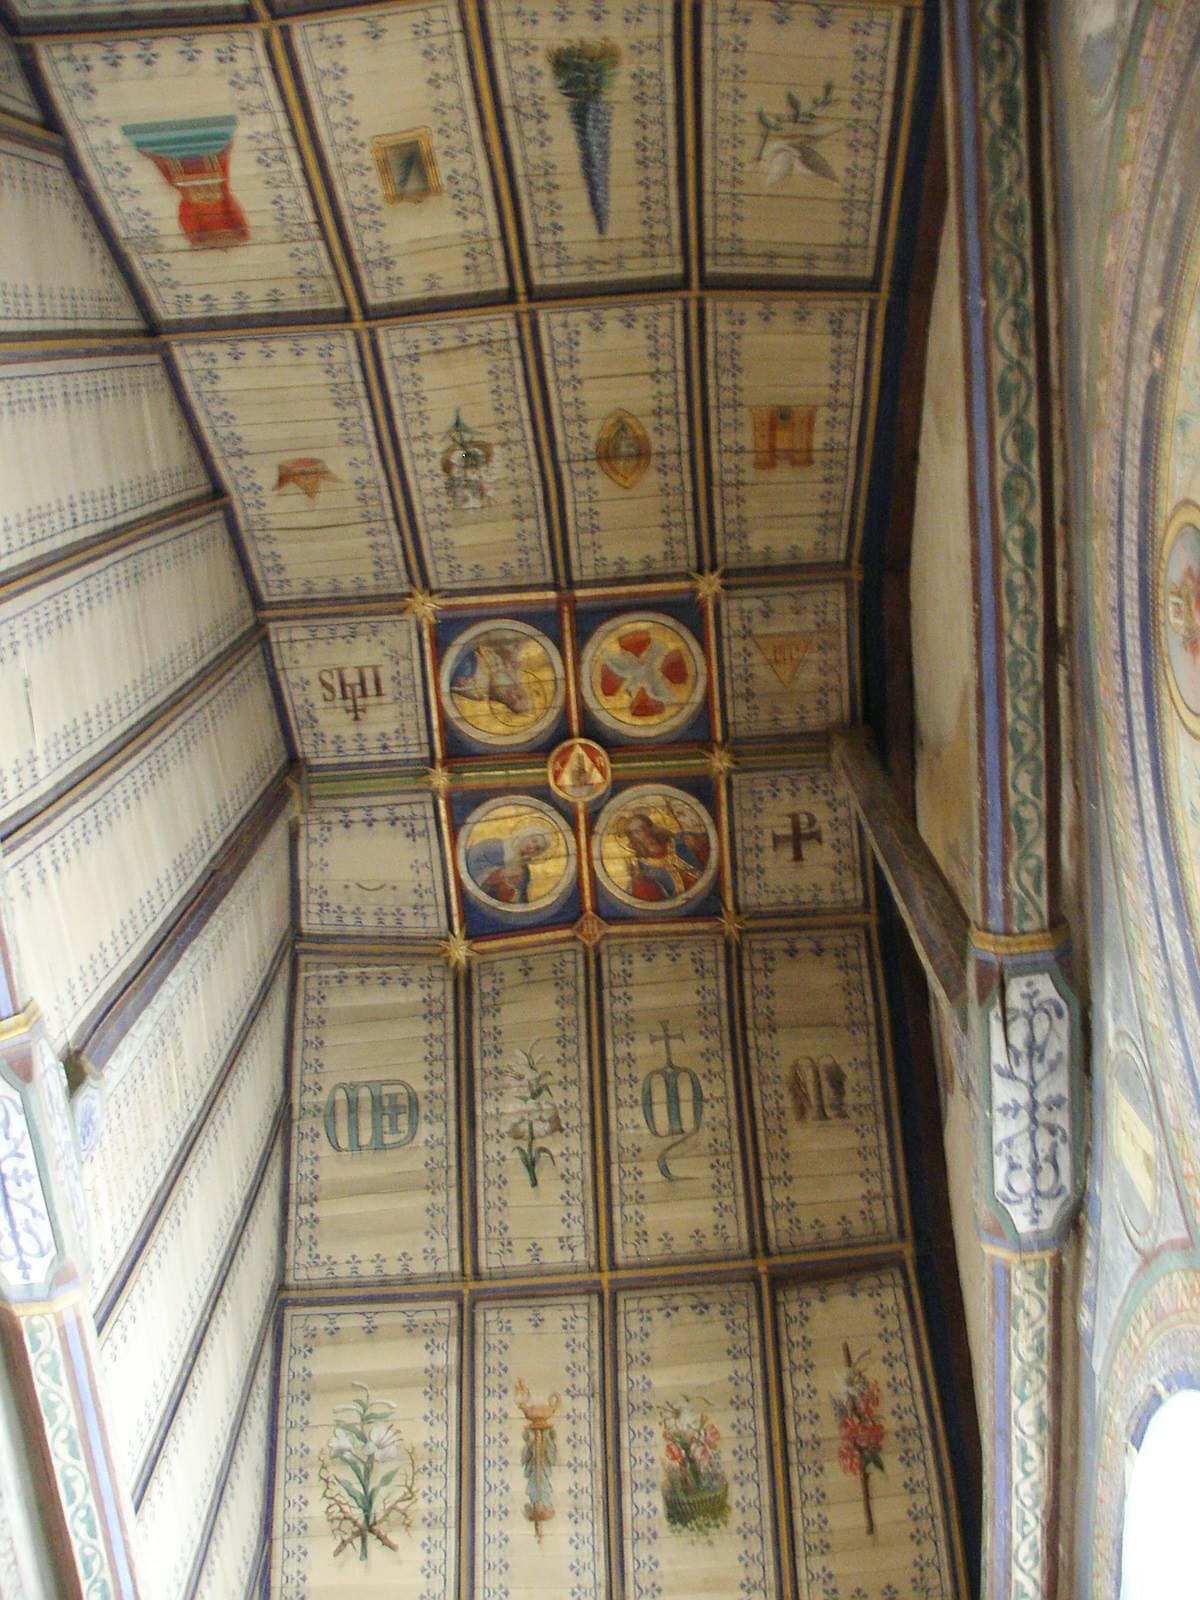 Saint Michel de Chavaignes en 2005 - Eglise Saint Michel 22 (Menu Christophe dit Tahiti)